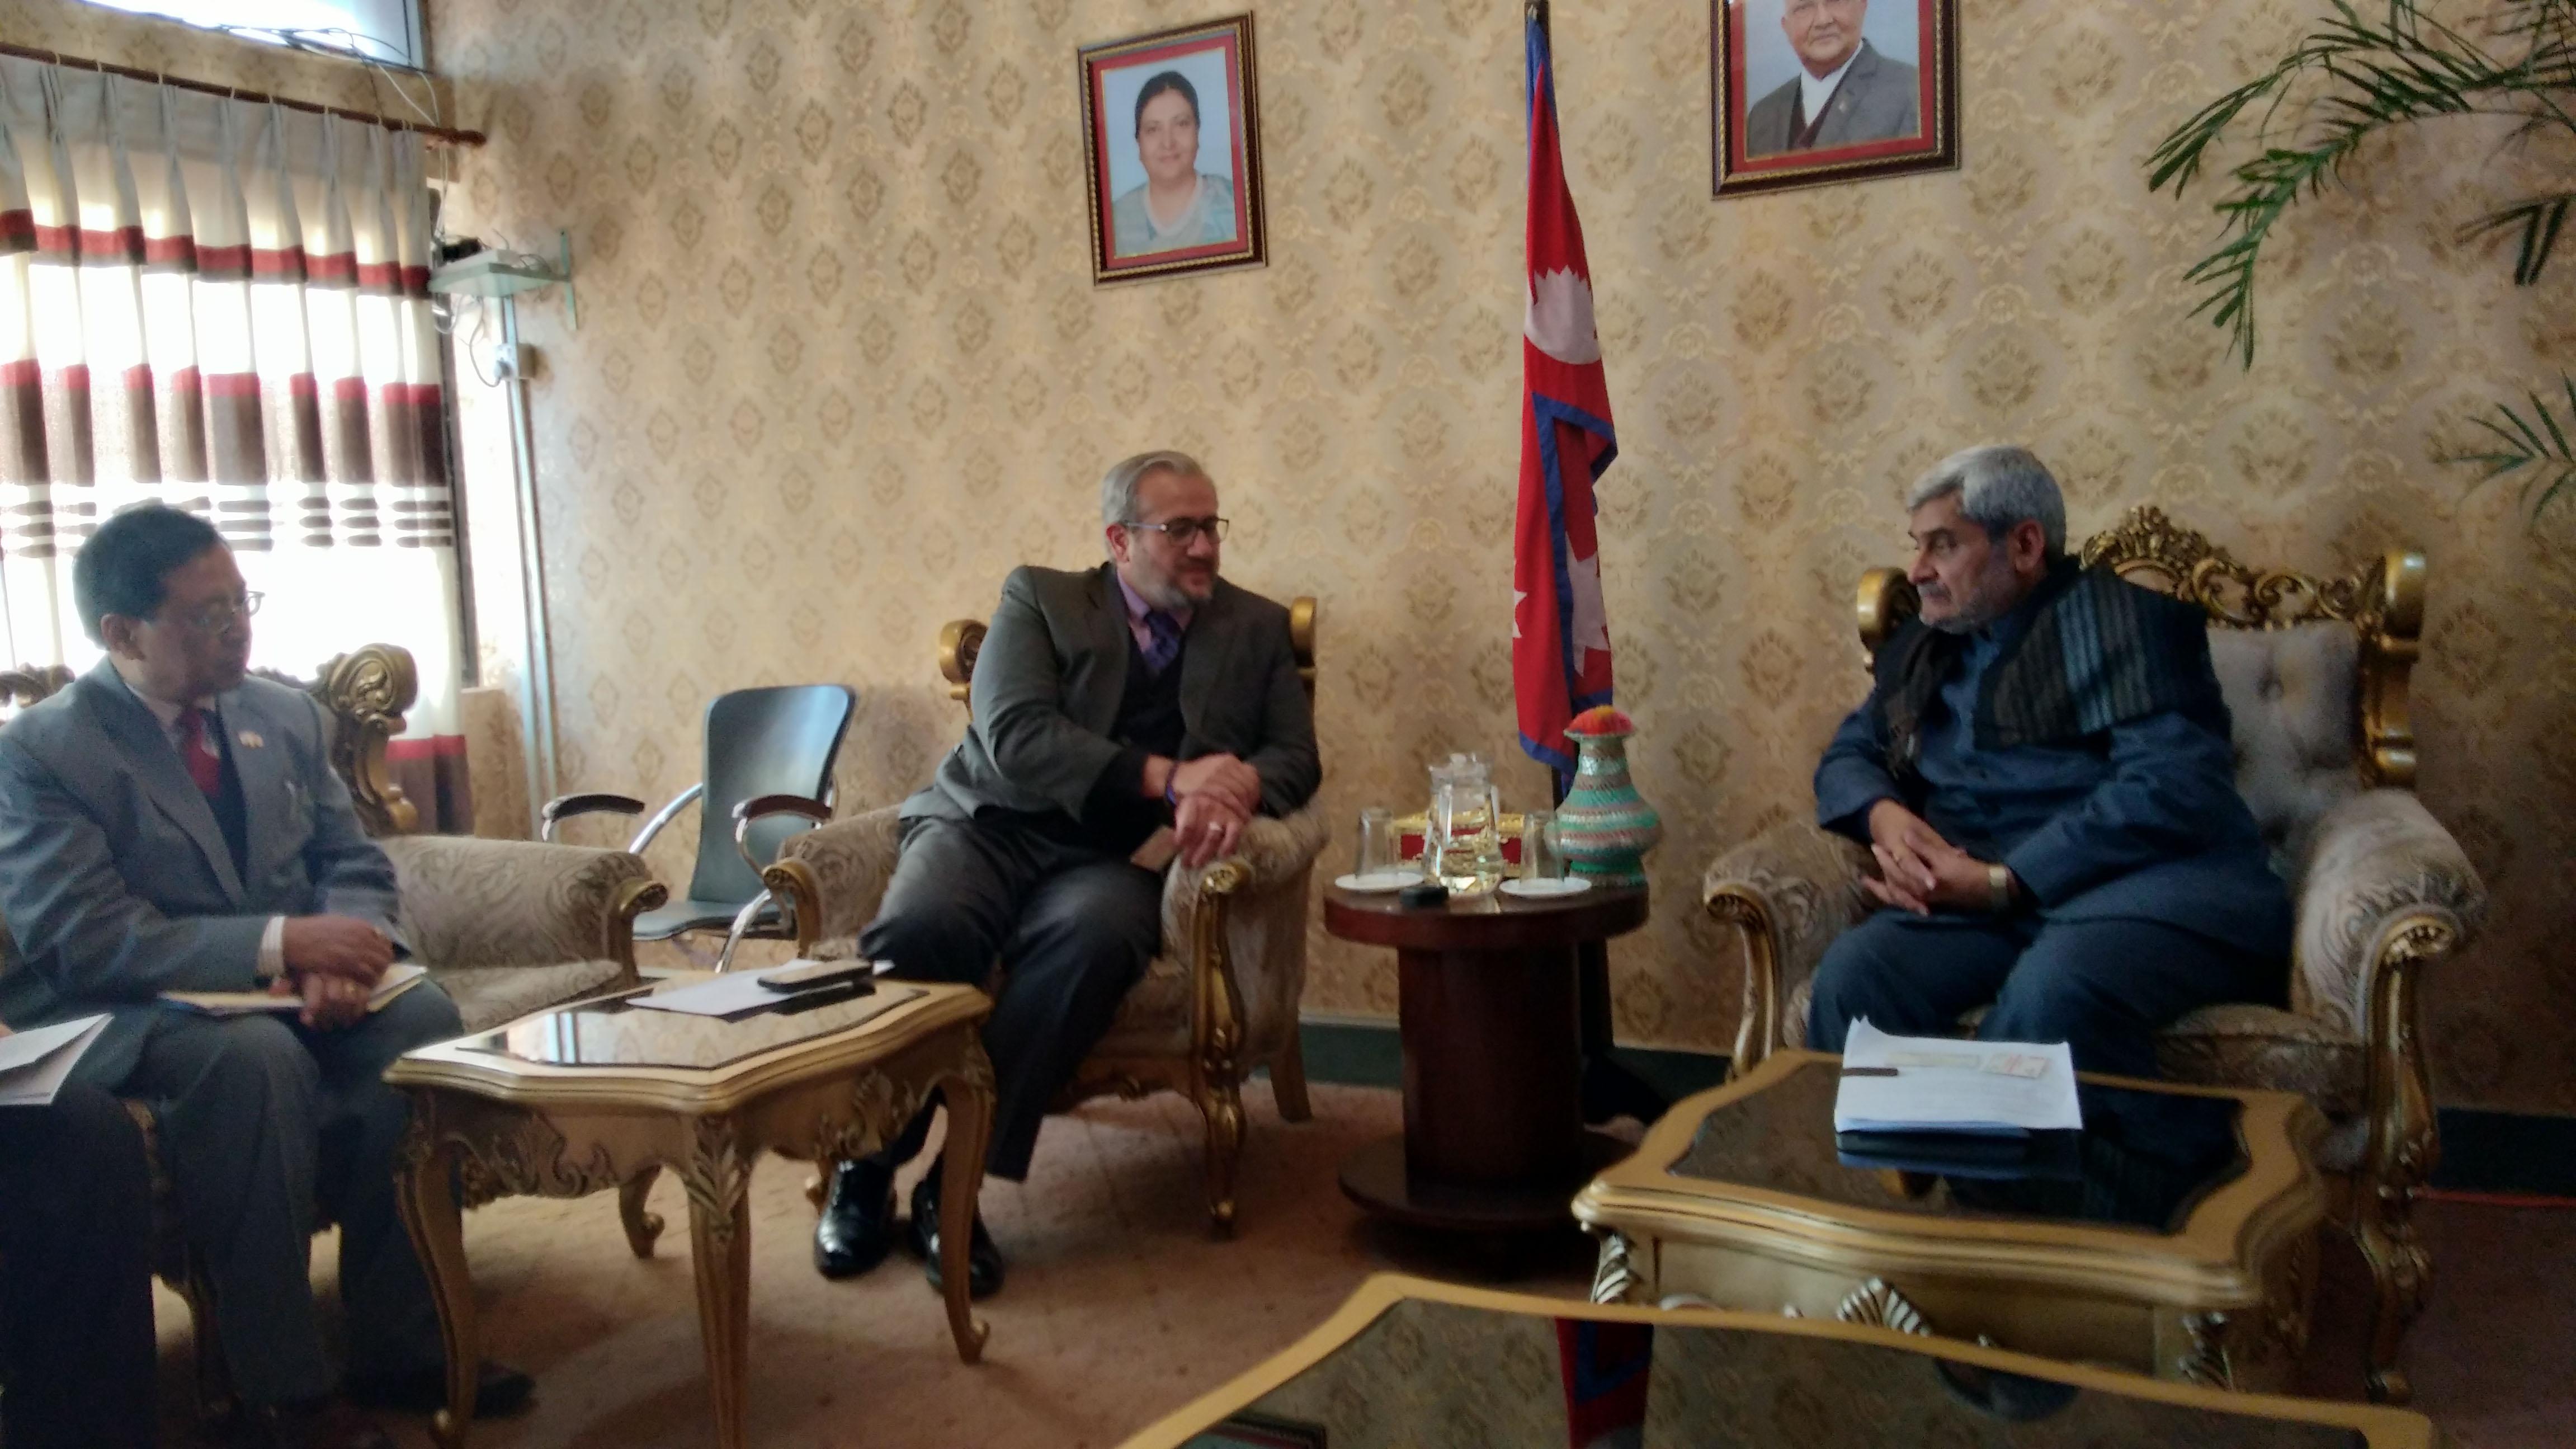 बिश्व बैङ्कका नेपाल प्रतिनिधी Faris H. Hadad-Zervos माननीय मन्त्री ज्यू सँग भेटवार्ता गर्नु हुदै ।